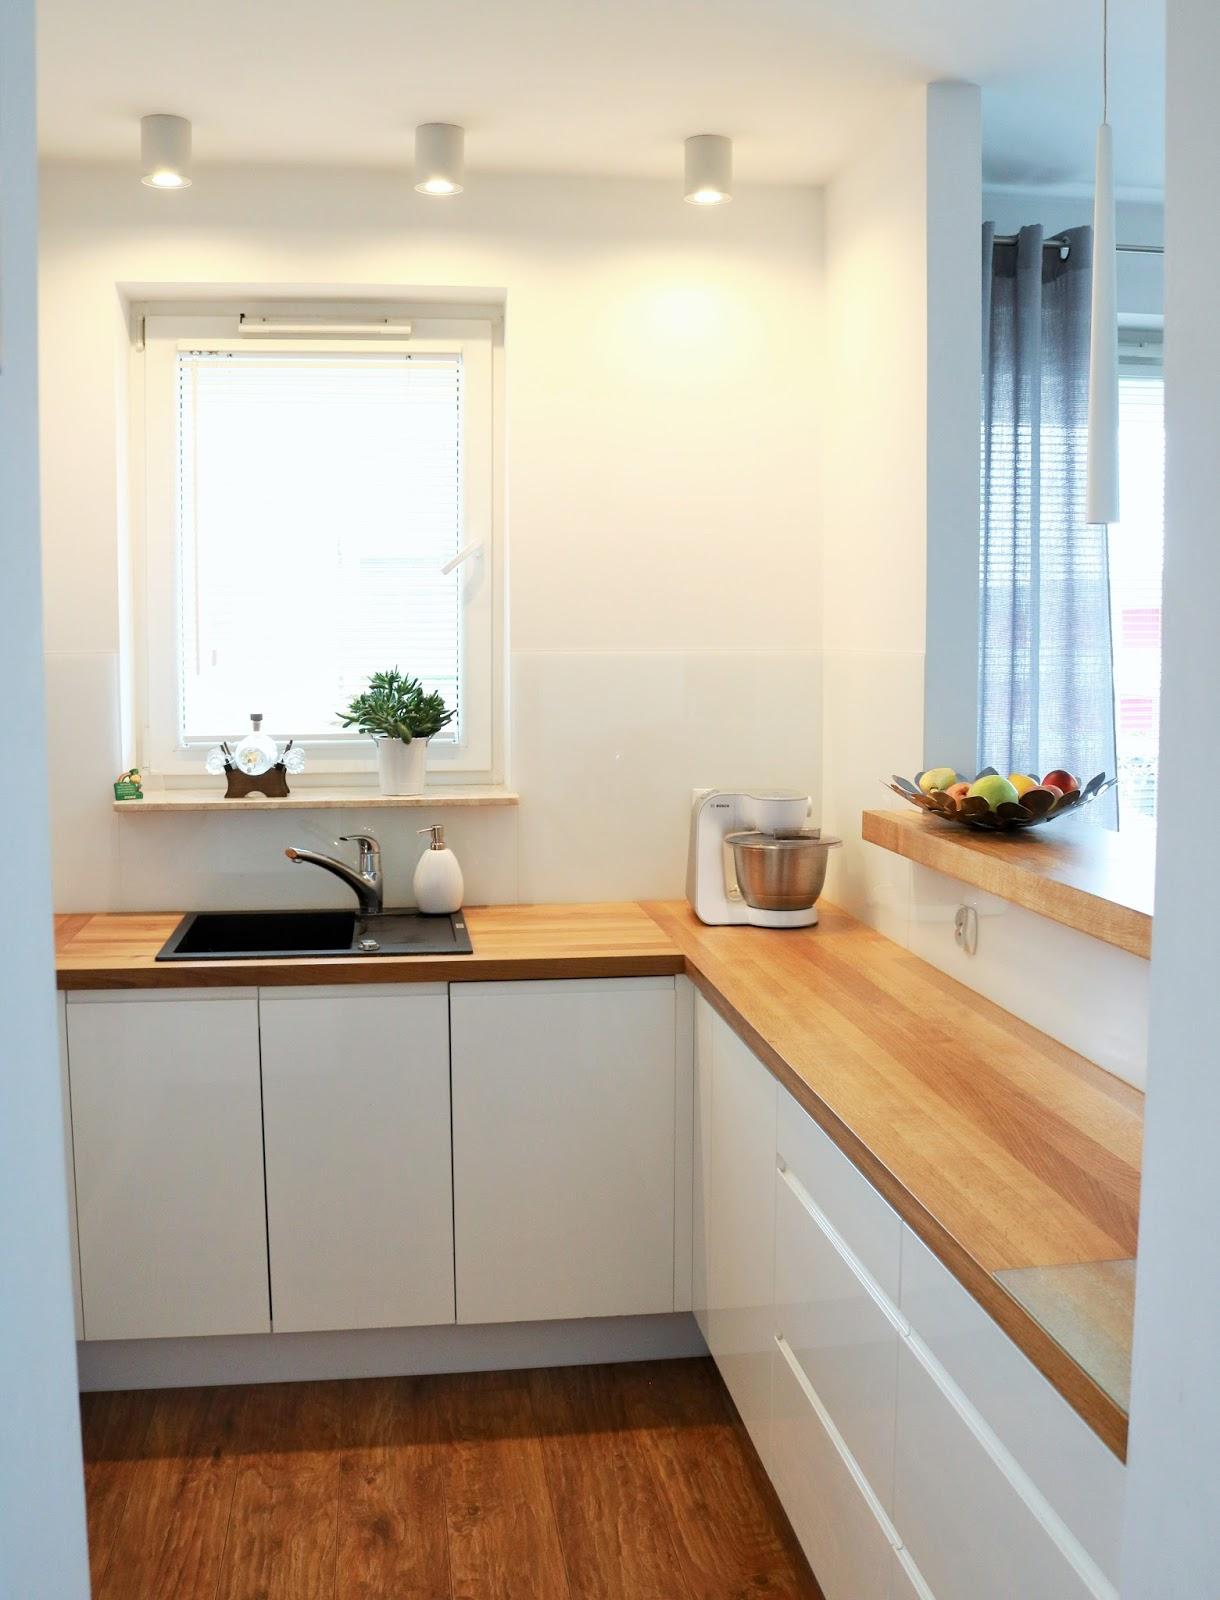 Drewniany Blat W Kuchni Jak Go Pielęgnować I Konserwować